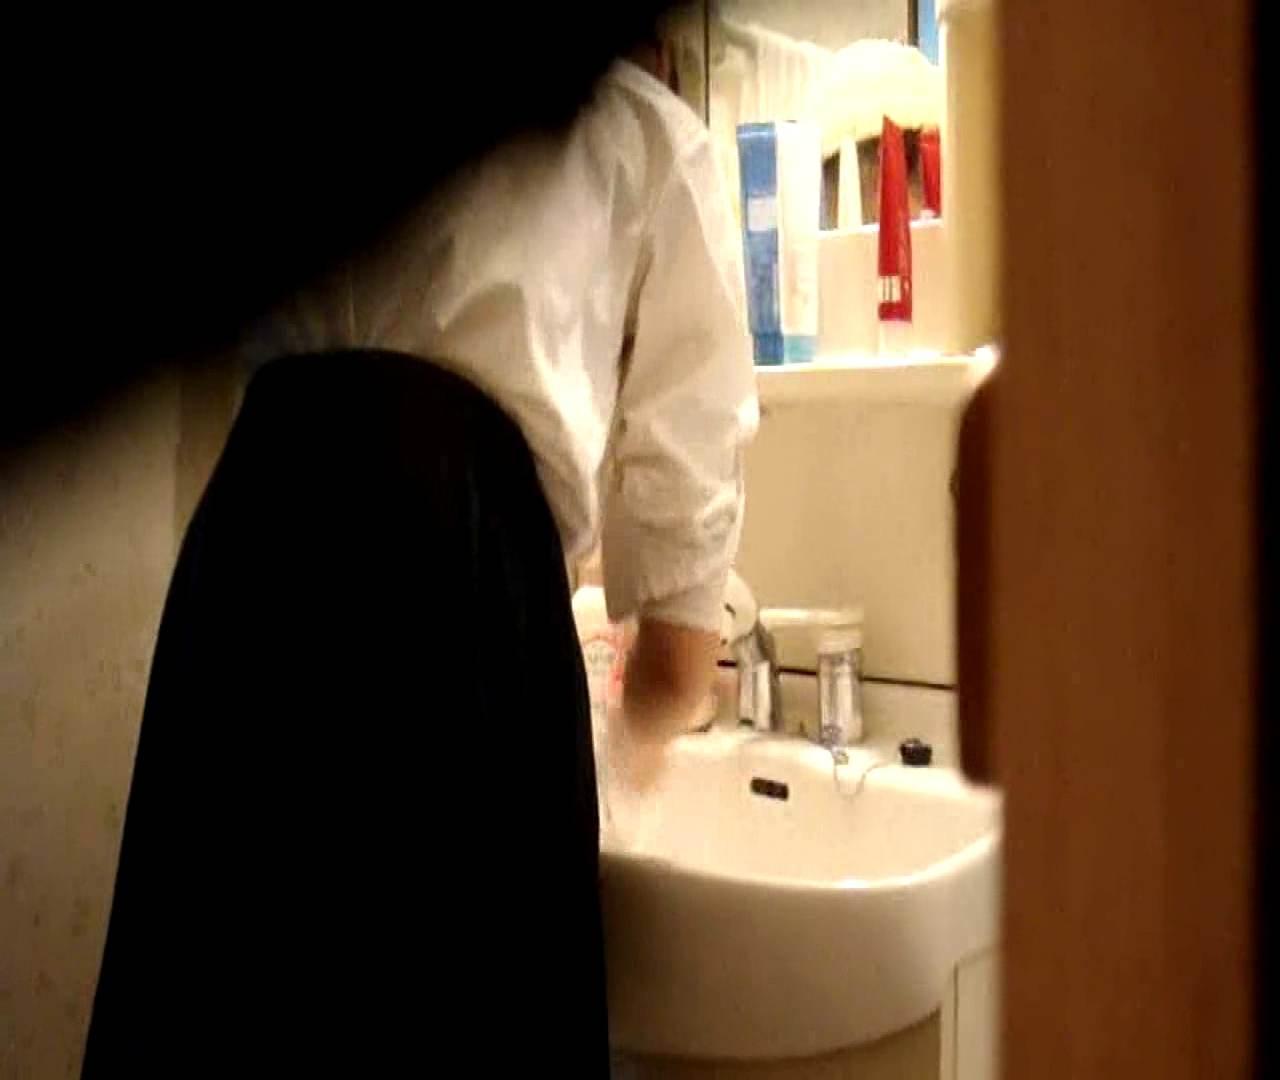 二人とも育てた甲斐がありました… vol.05 まどかが洗顔後にブラを洗濯 美しいOLの裸体 | 0  102pic 47